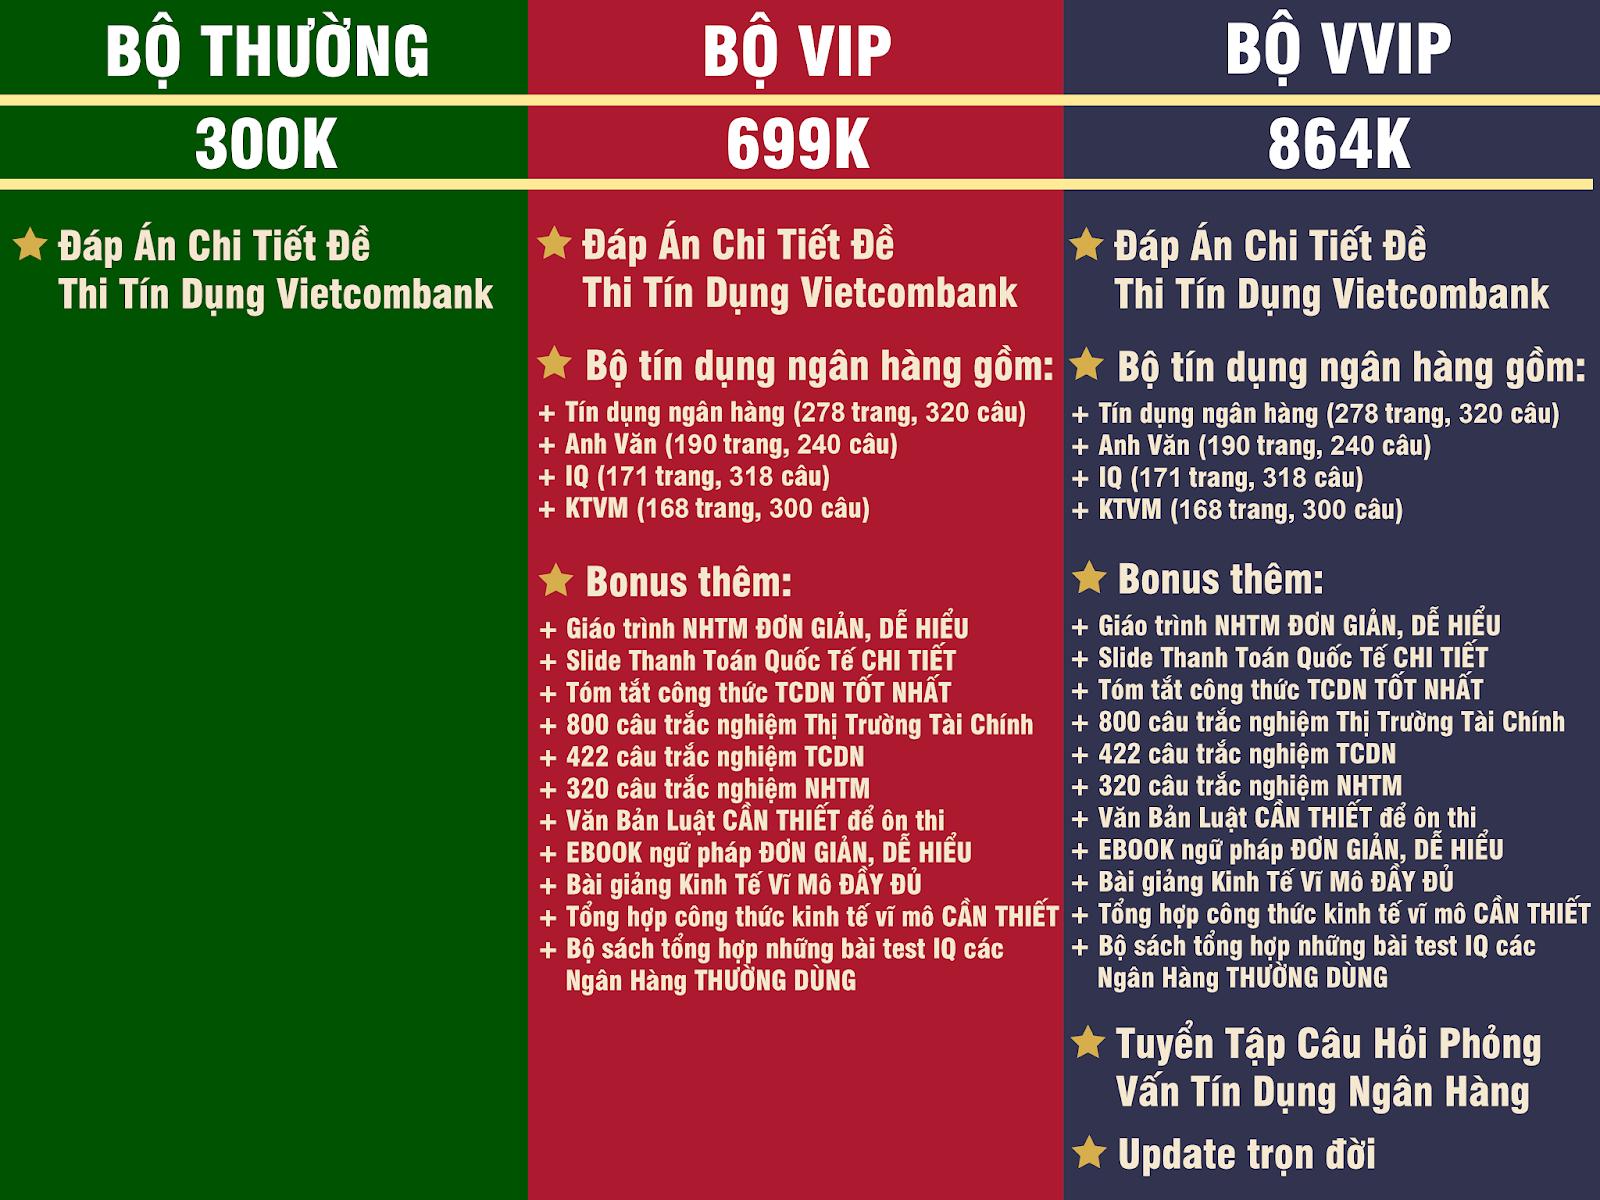 Đáp Án Chi Tiết Đề Thi Tín Dụng Vietcombank